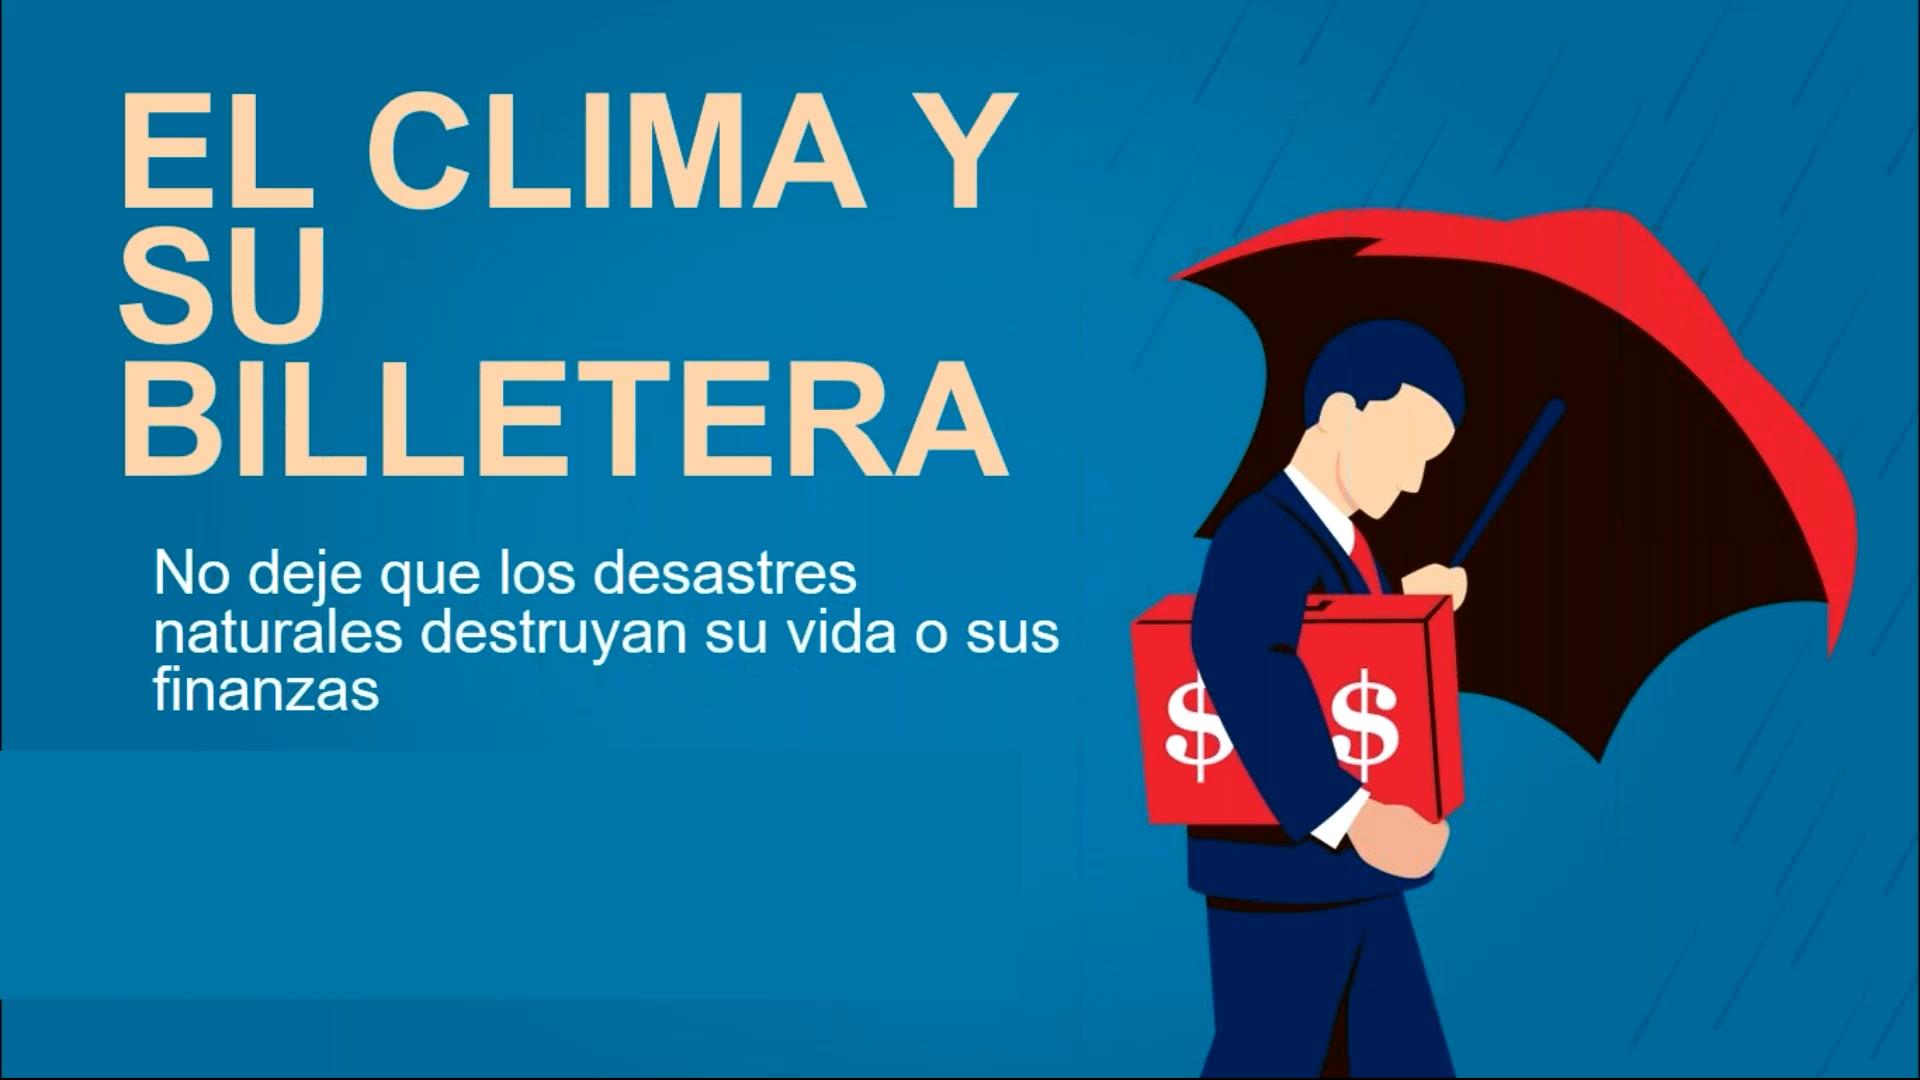 El clima y su billetera: No deje que los desastres naturales destruyan su vida y sus finanzas